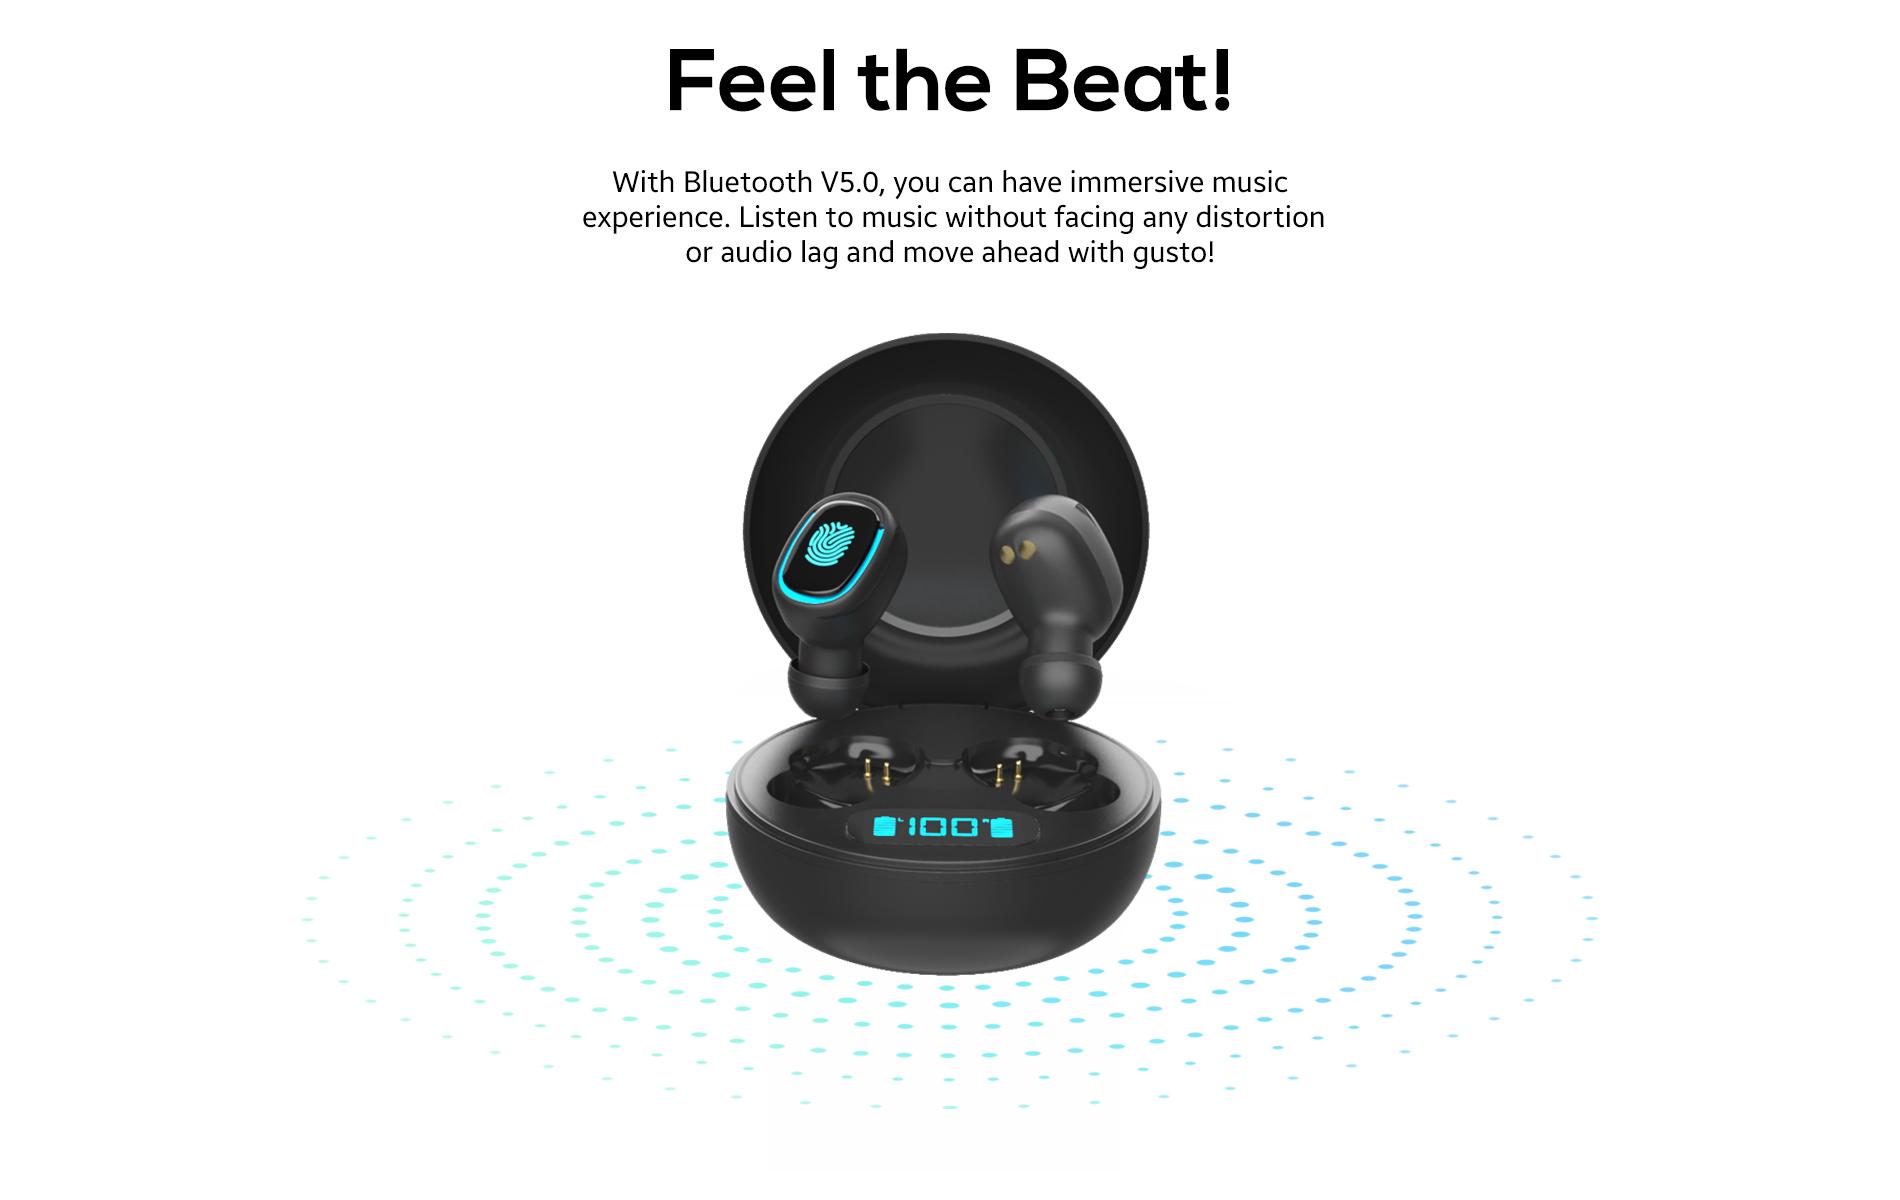 Liberty True Wireless Earbuds feel the beat